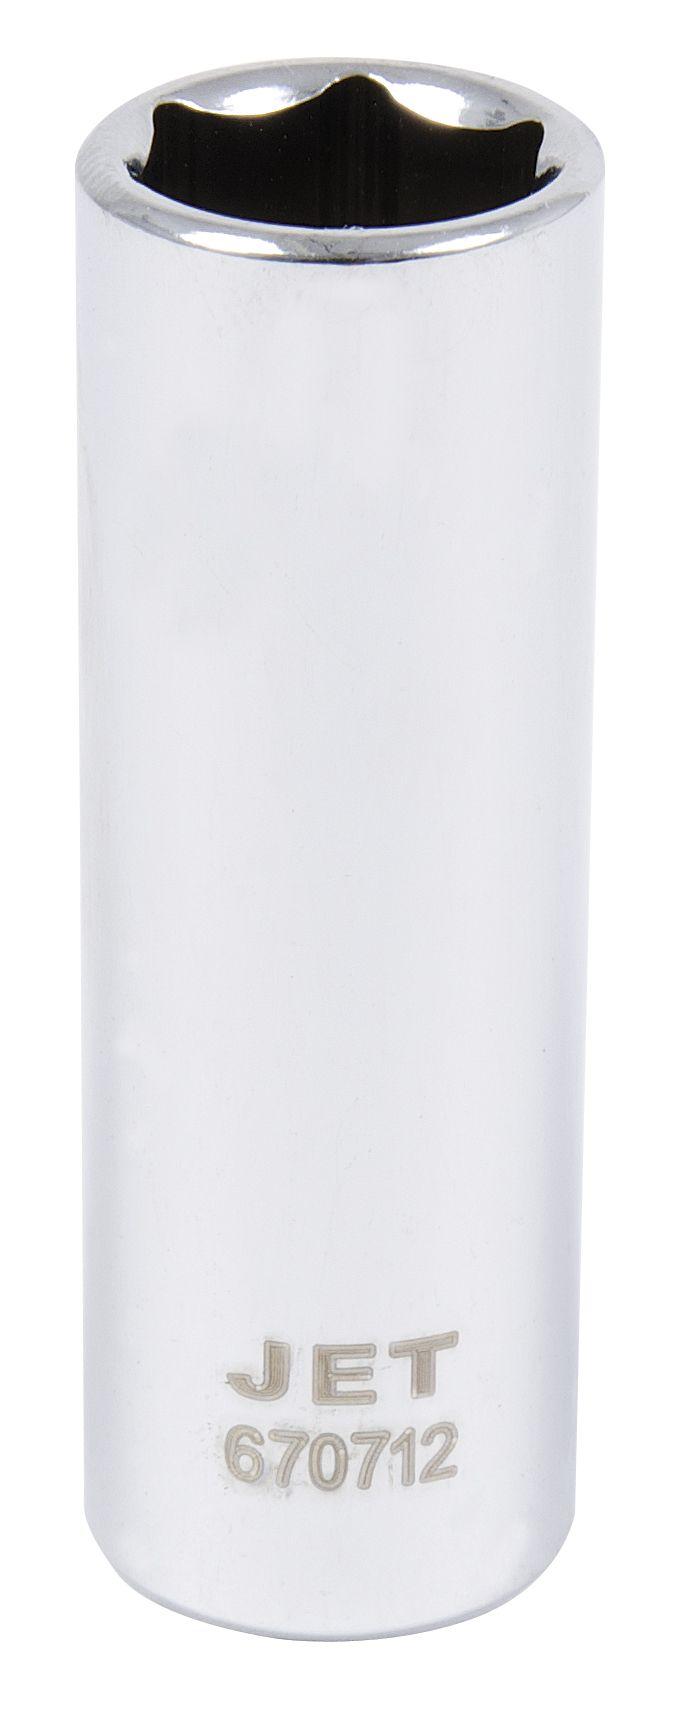 Jet 670710 Douille 10mm x 6 pans longue à prise 1/4